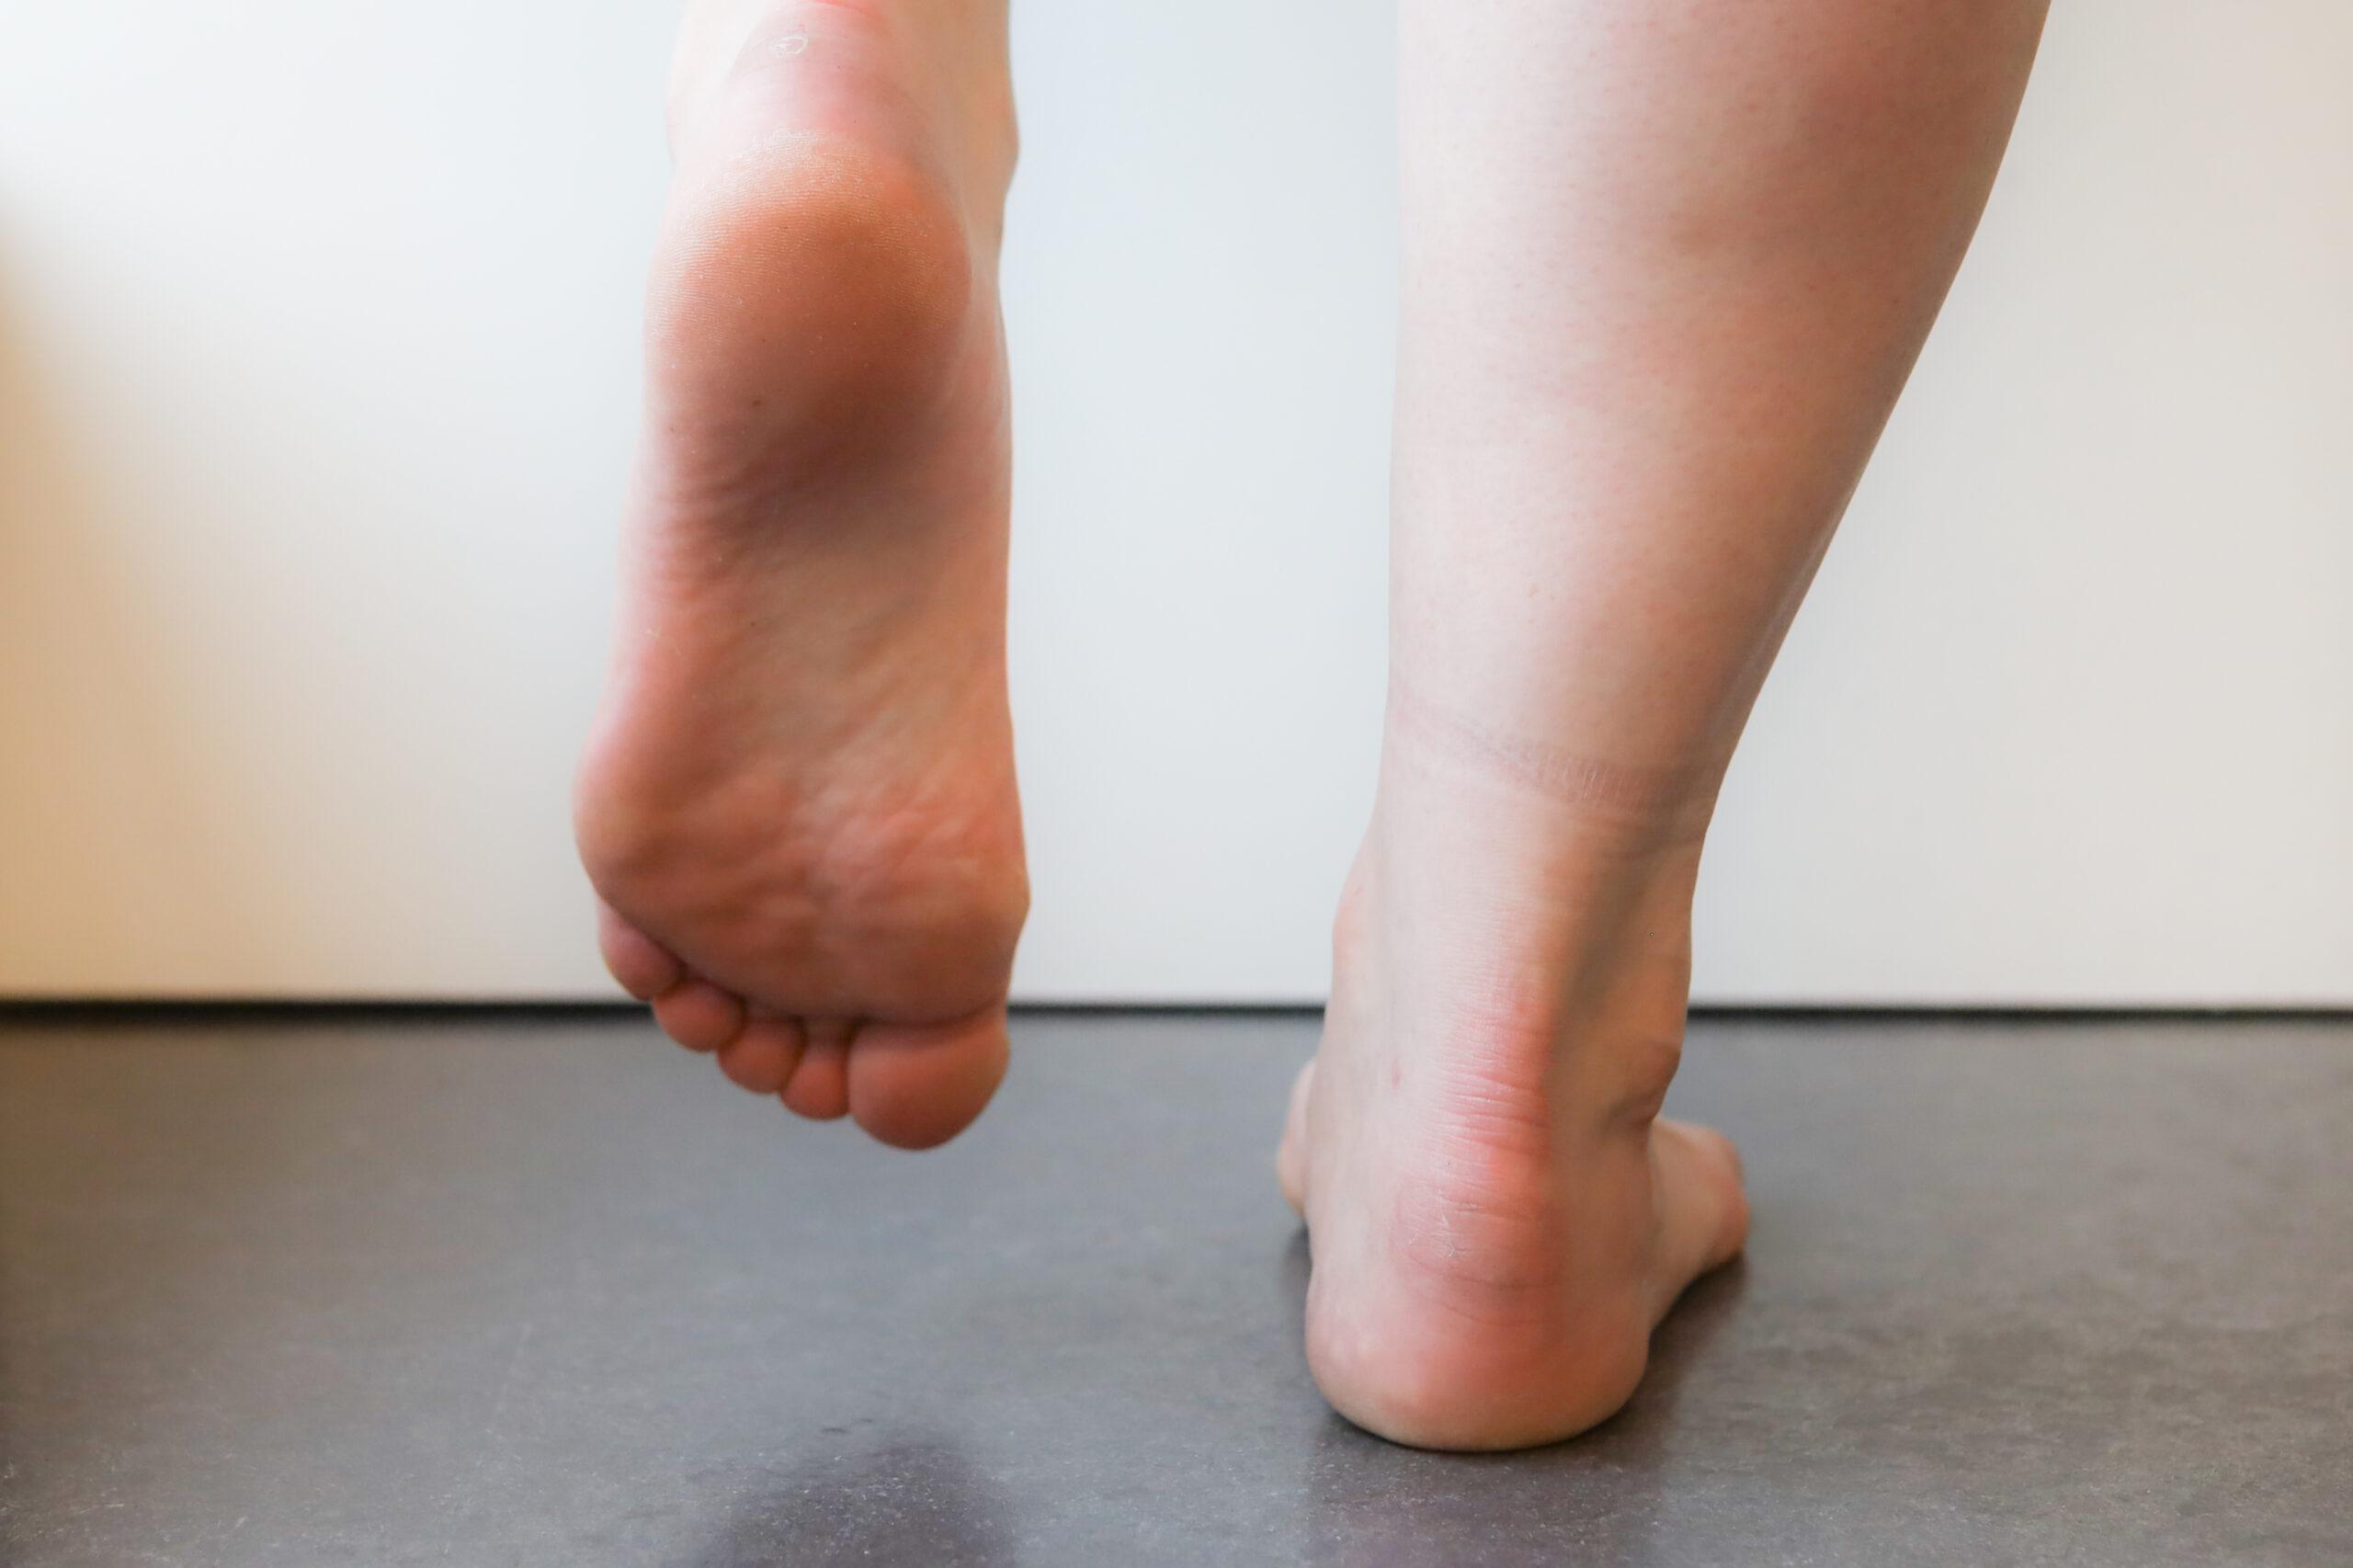 behandeling van achillespees klachten bij fysiotherapie nijmegen van sport medisch centrum papendal